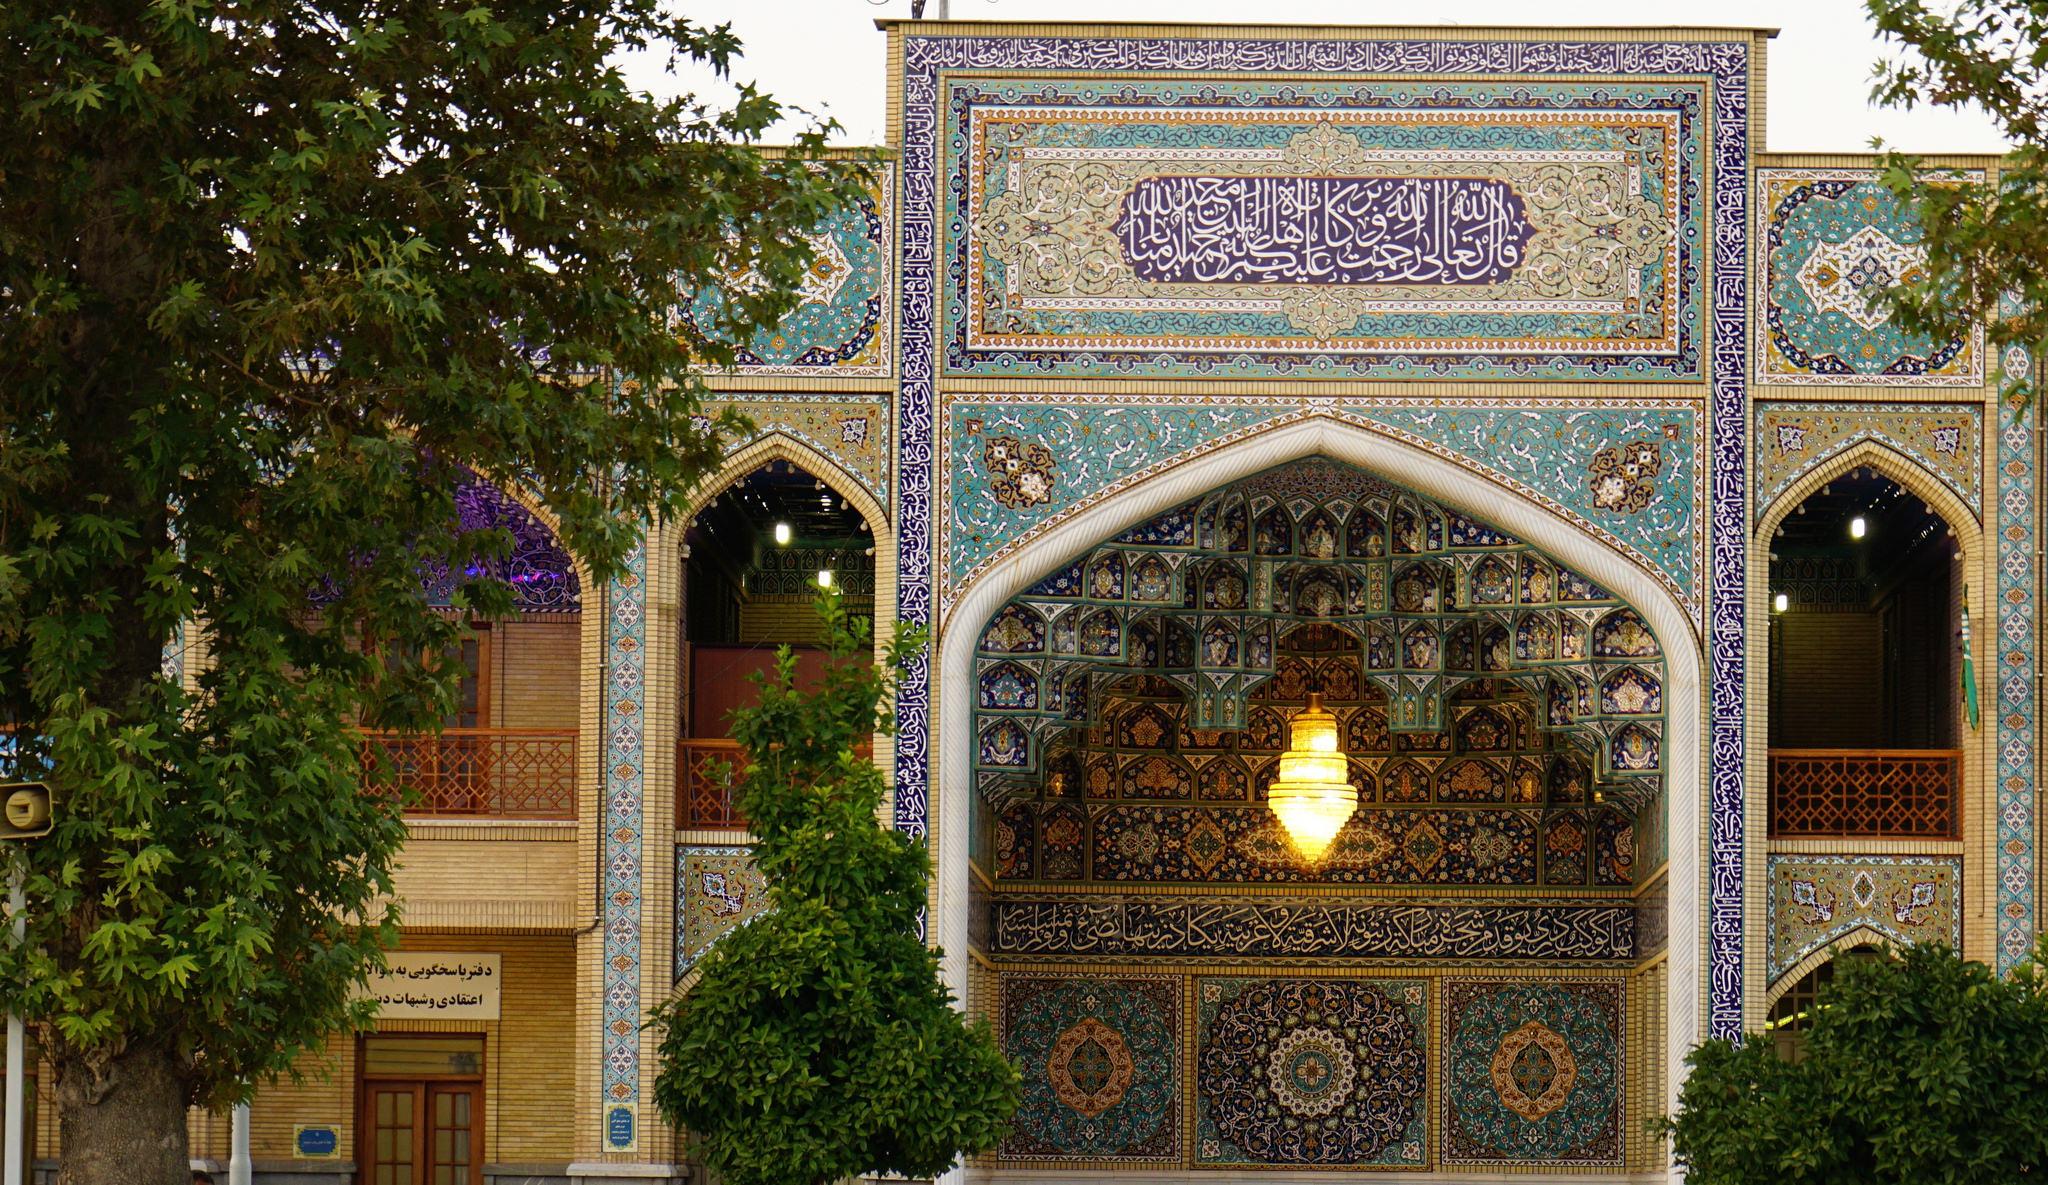 Мечеть-мавзолей Шах-Черах в Ширазе, Иран